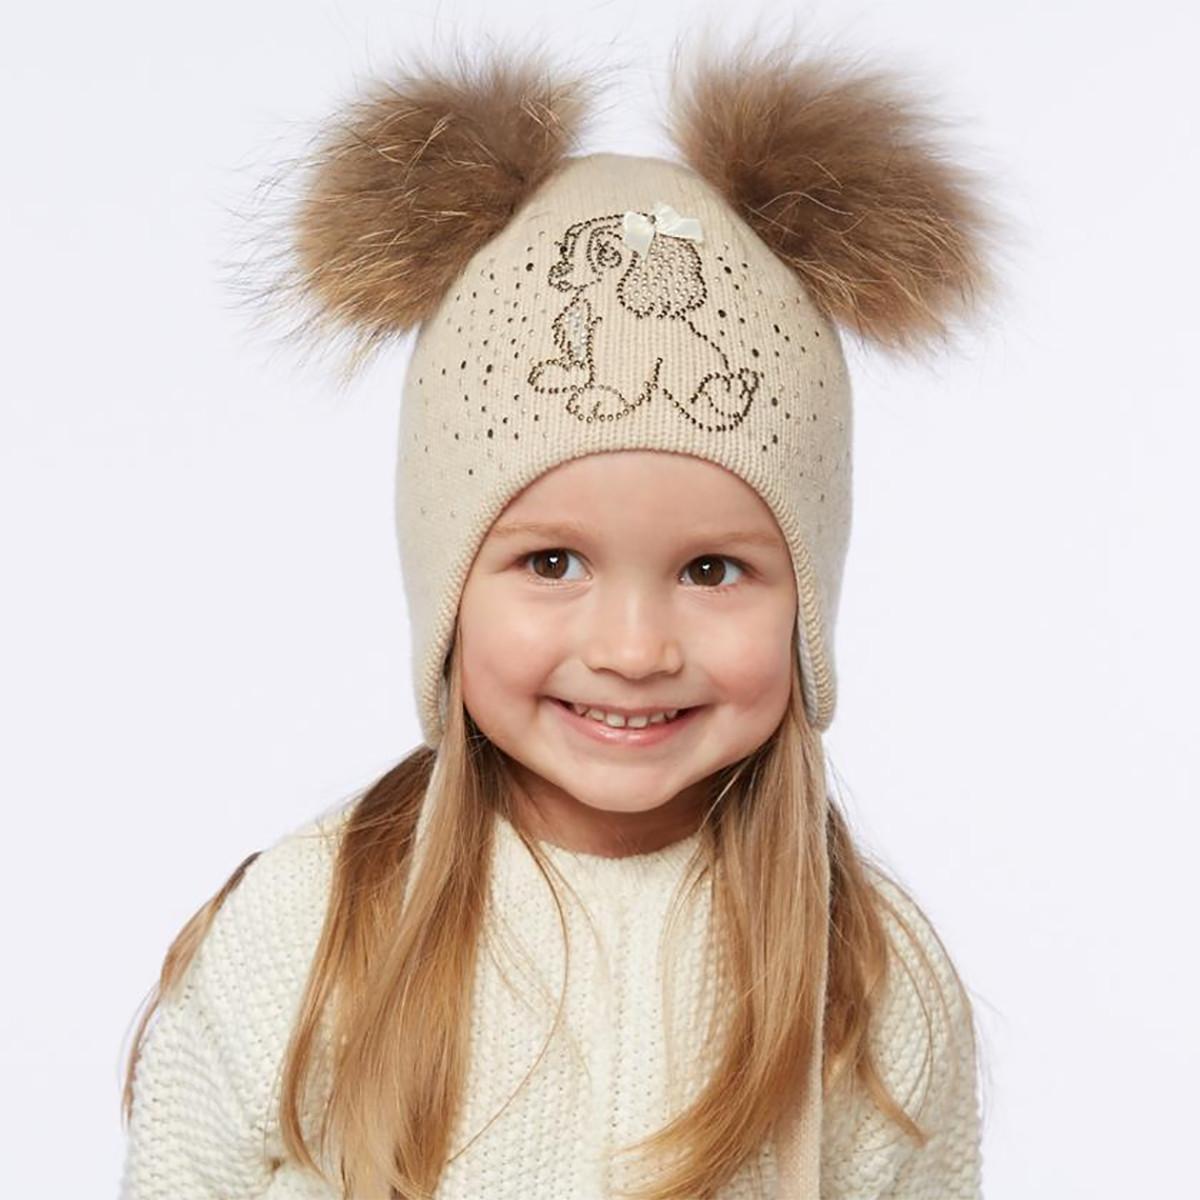 Зимняя шапка для новорожденного своими руками спицами